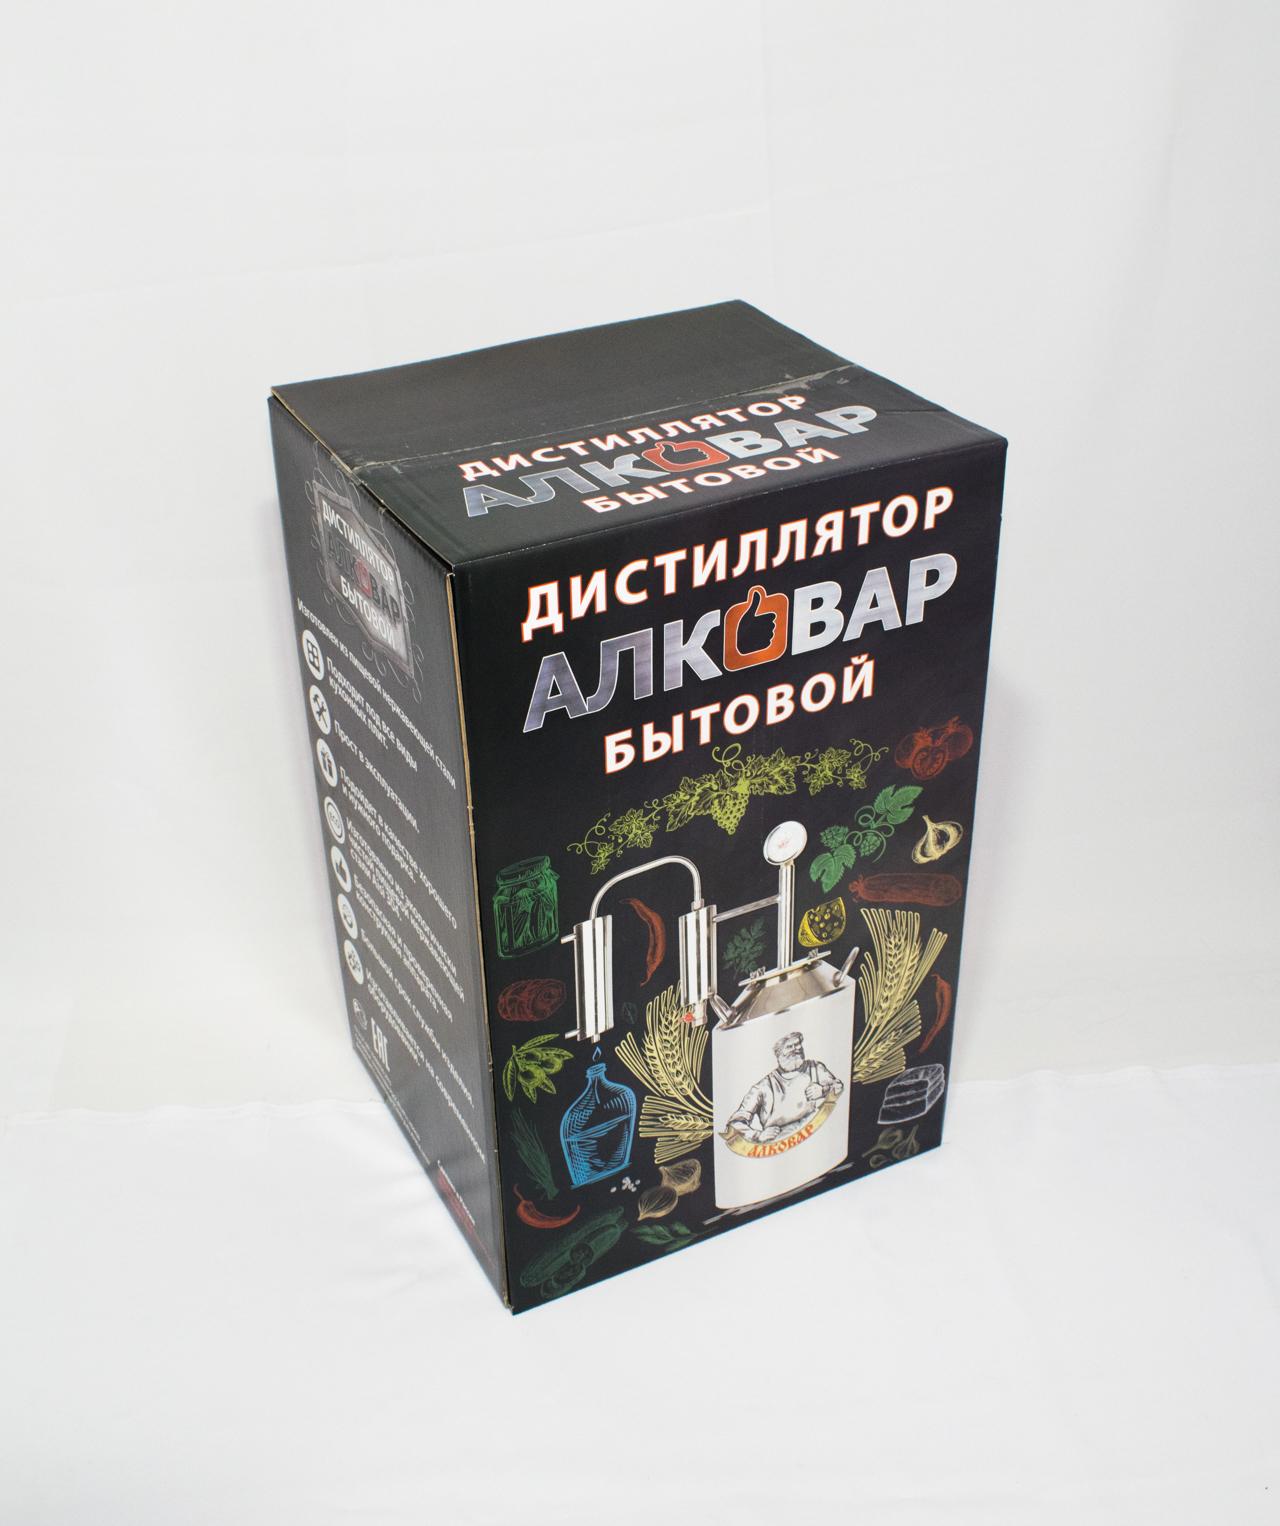 Самогонные аппараты АЛКОВАР коробка.